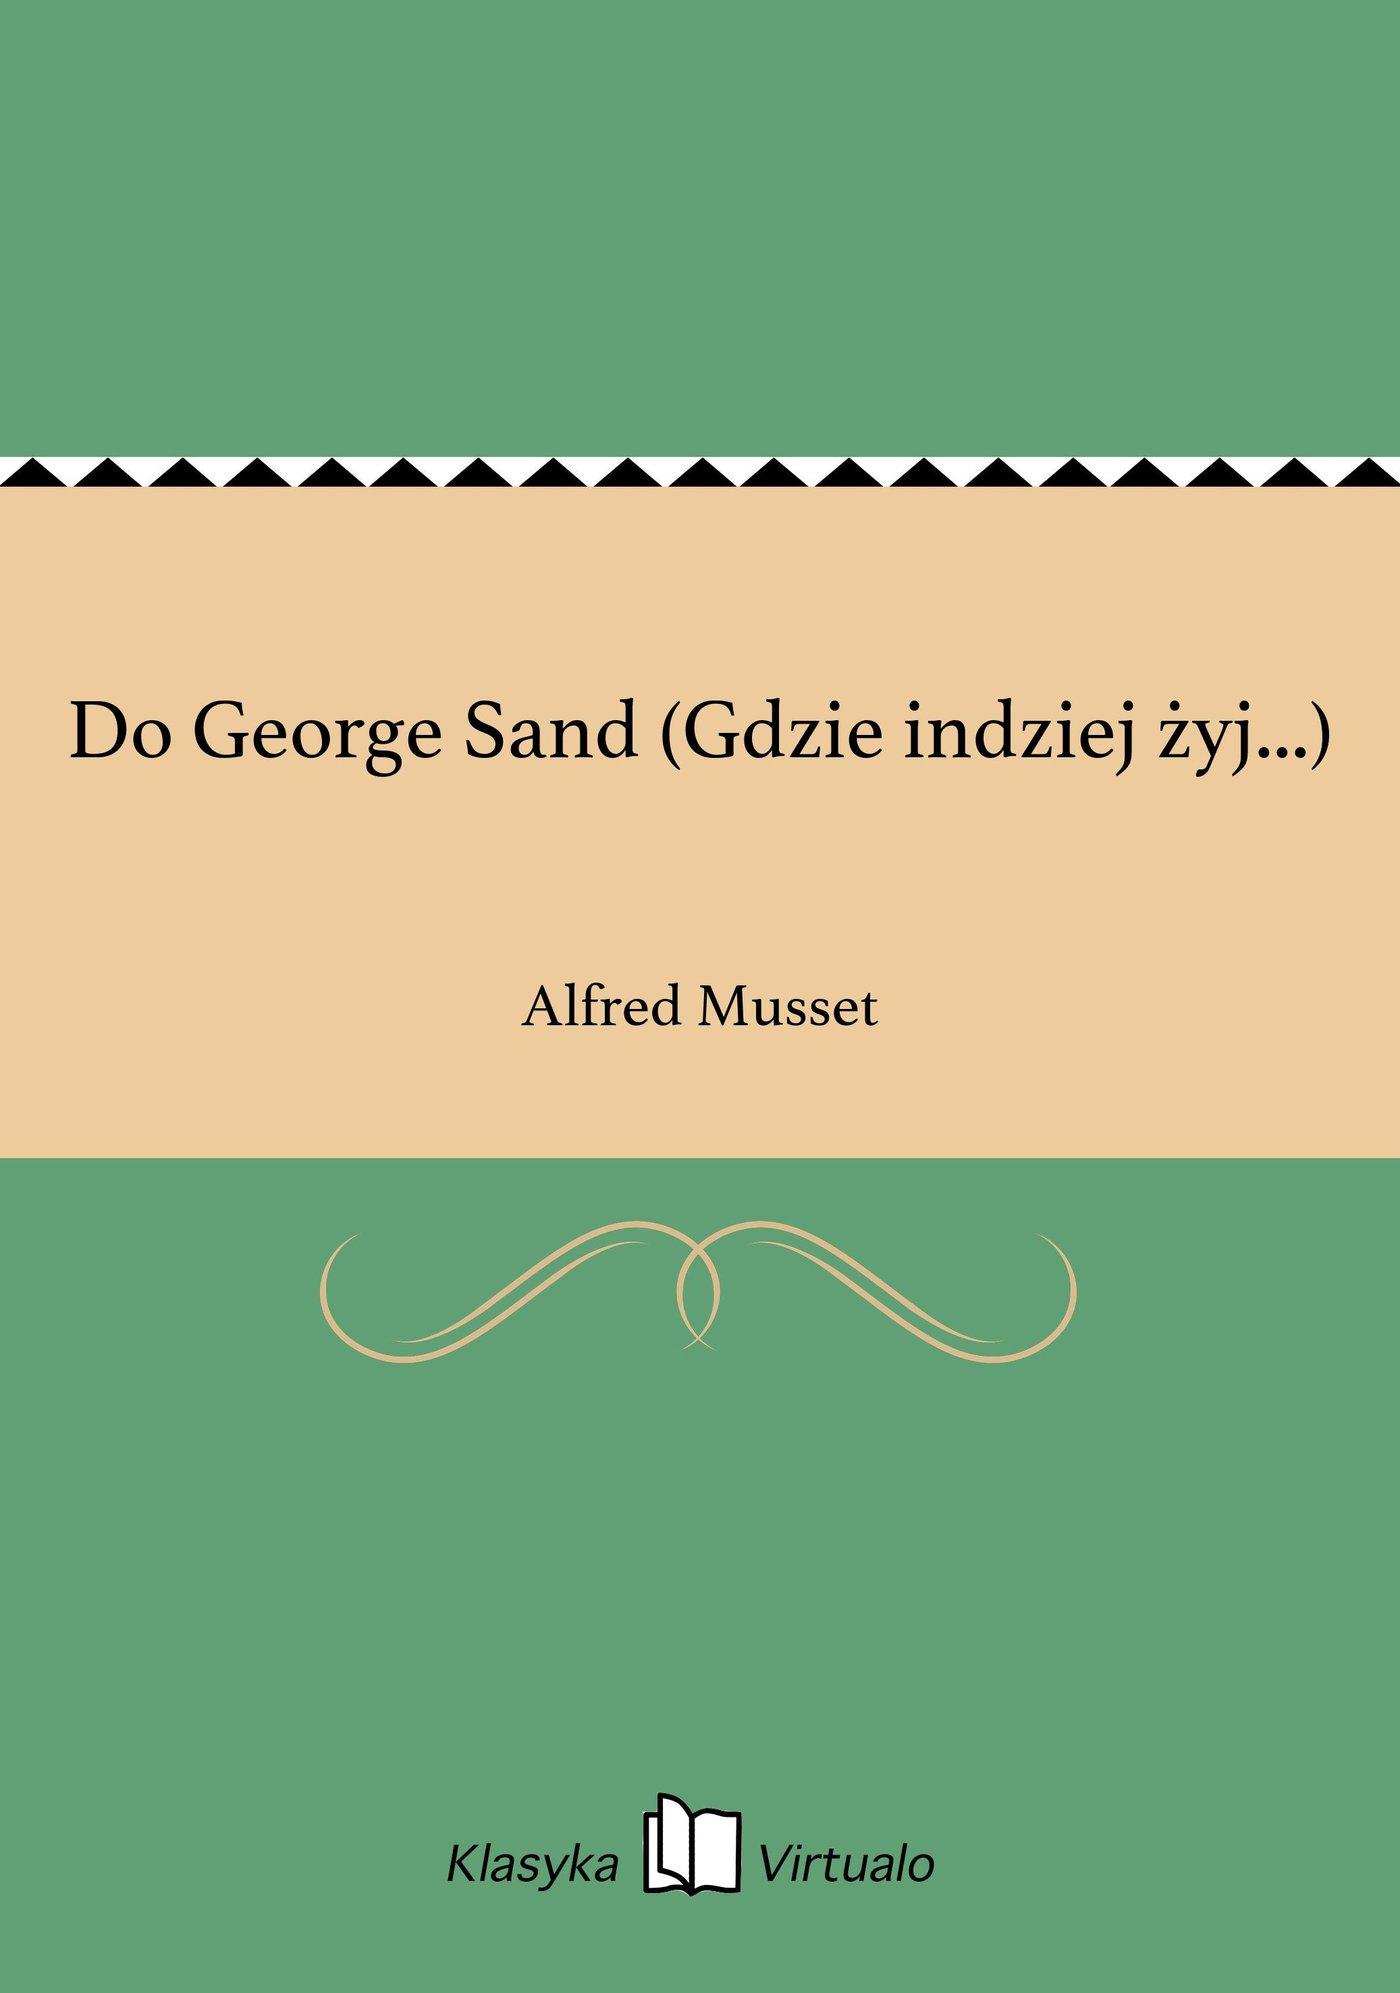 Do George Sand (Gdzie indziej żyj...) - Ebook (Książka EPUB) do pobrania w formacie EPUB